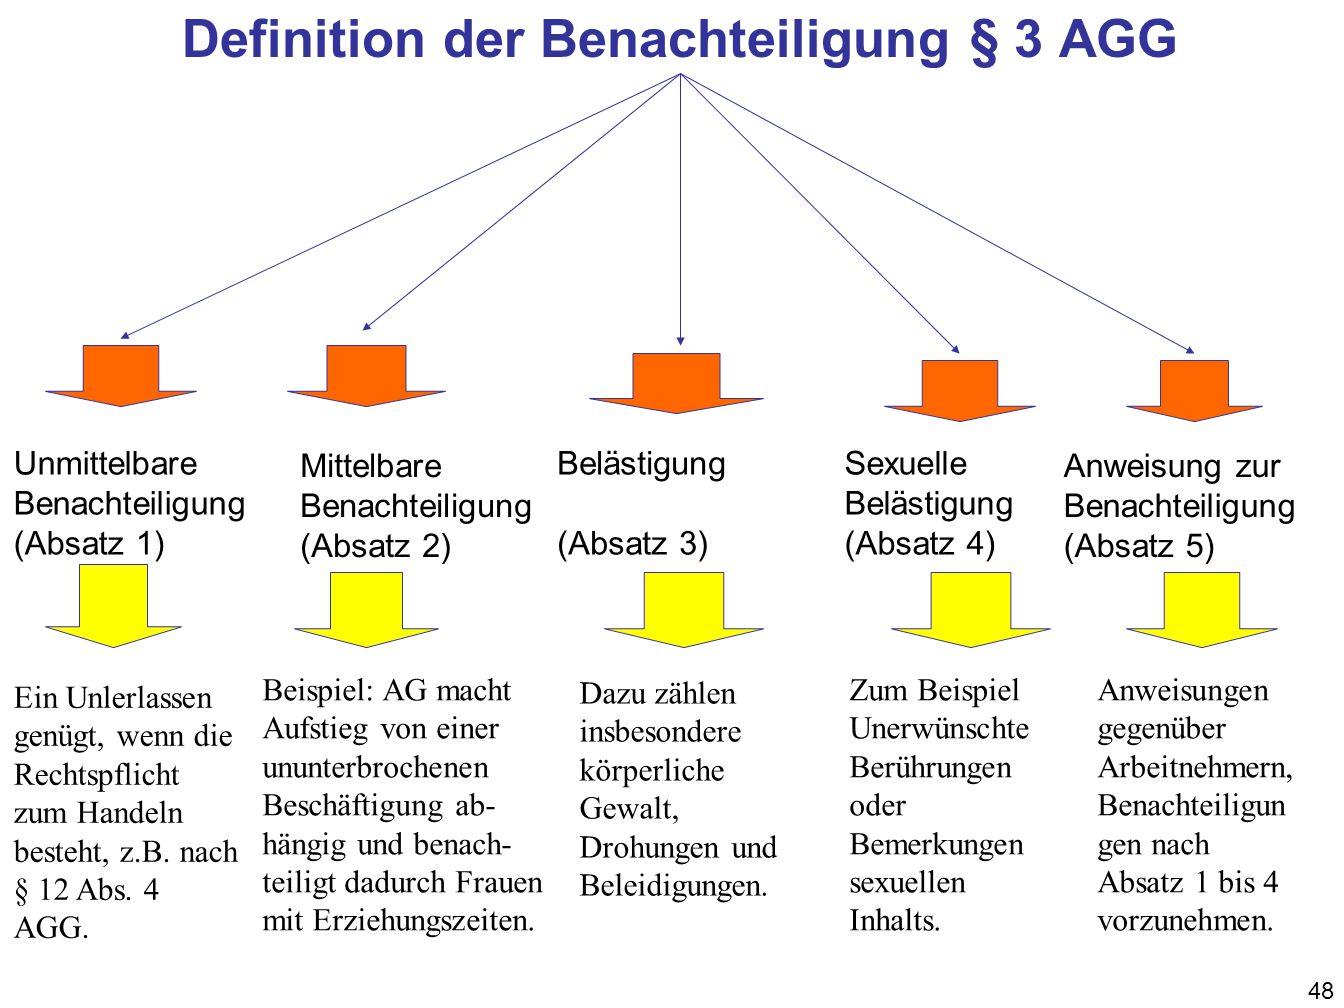 48 Definition der Benachteiligung § 3 AGG Unmittelbare Benachteiligung (Absatz 1) Mittelbare Benachteiligung (Absatz 2) Sexuelle Belästigung (Absatz 4